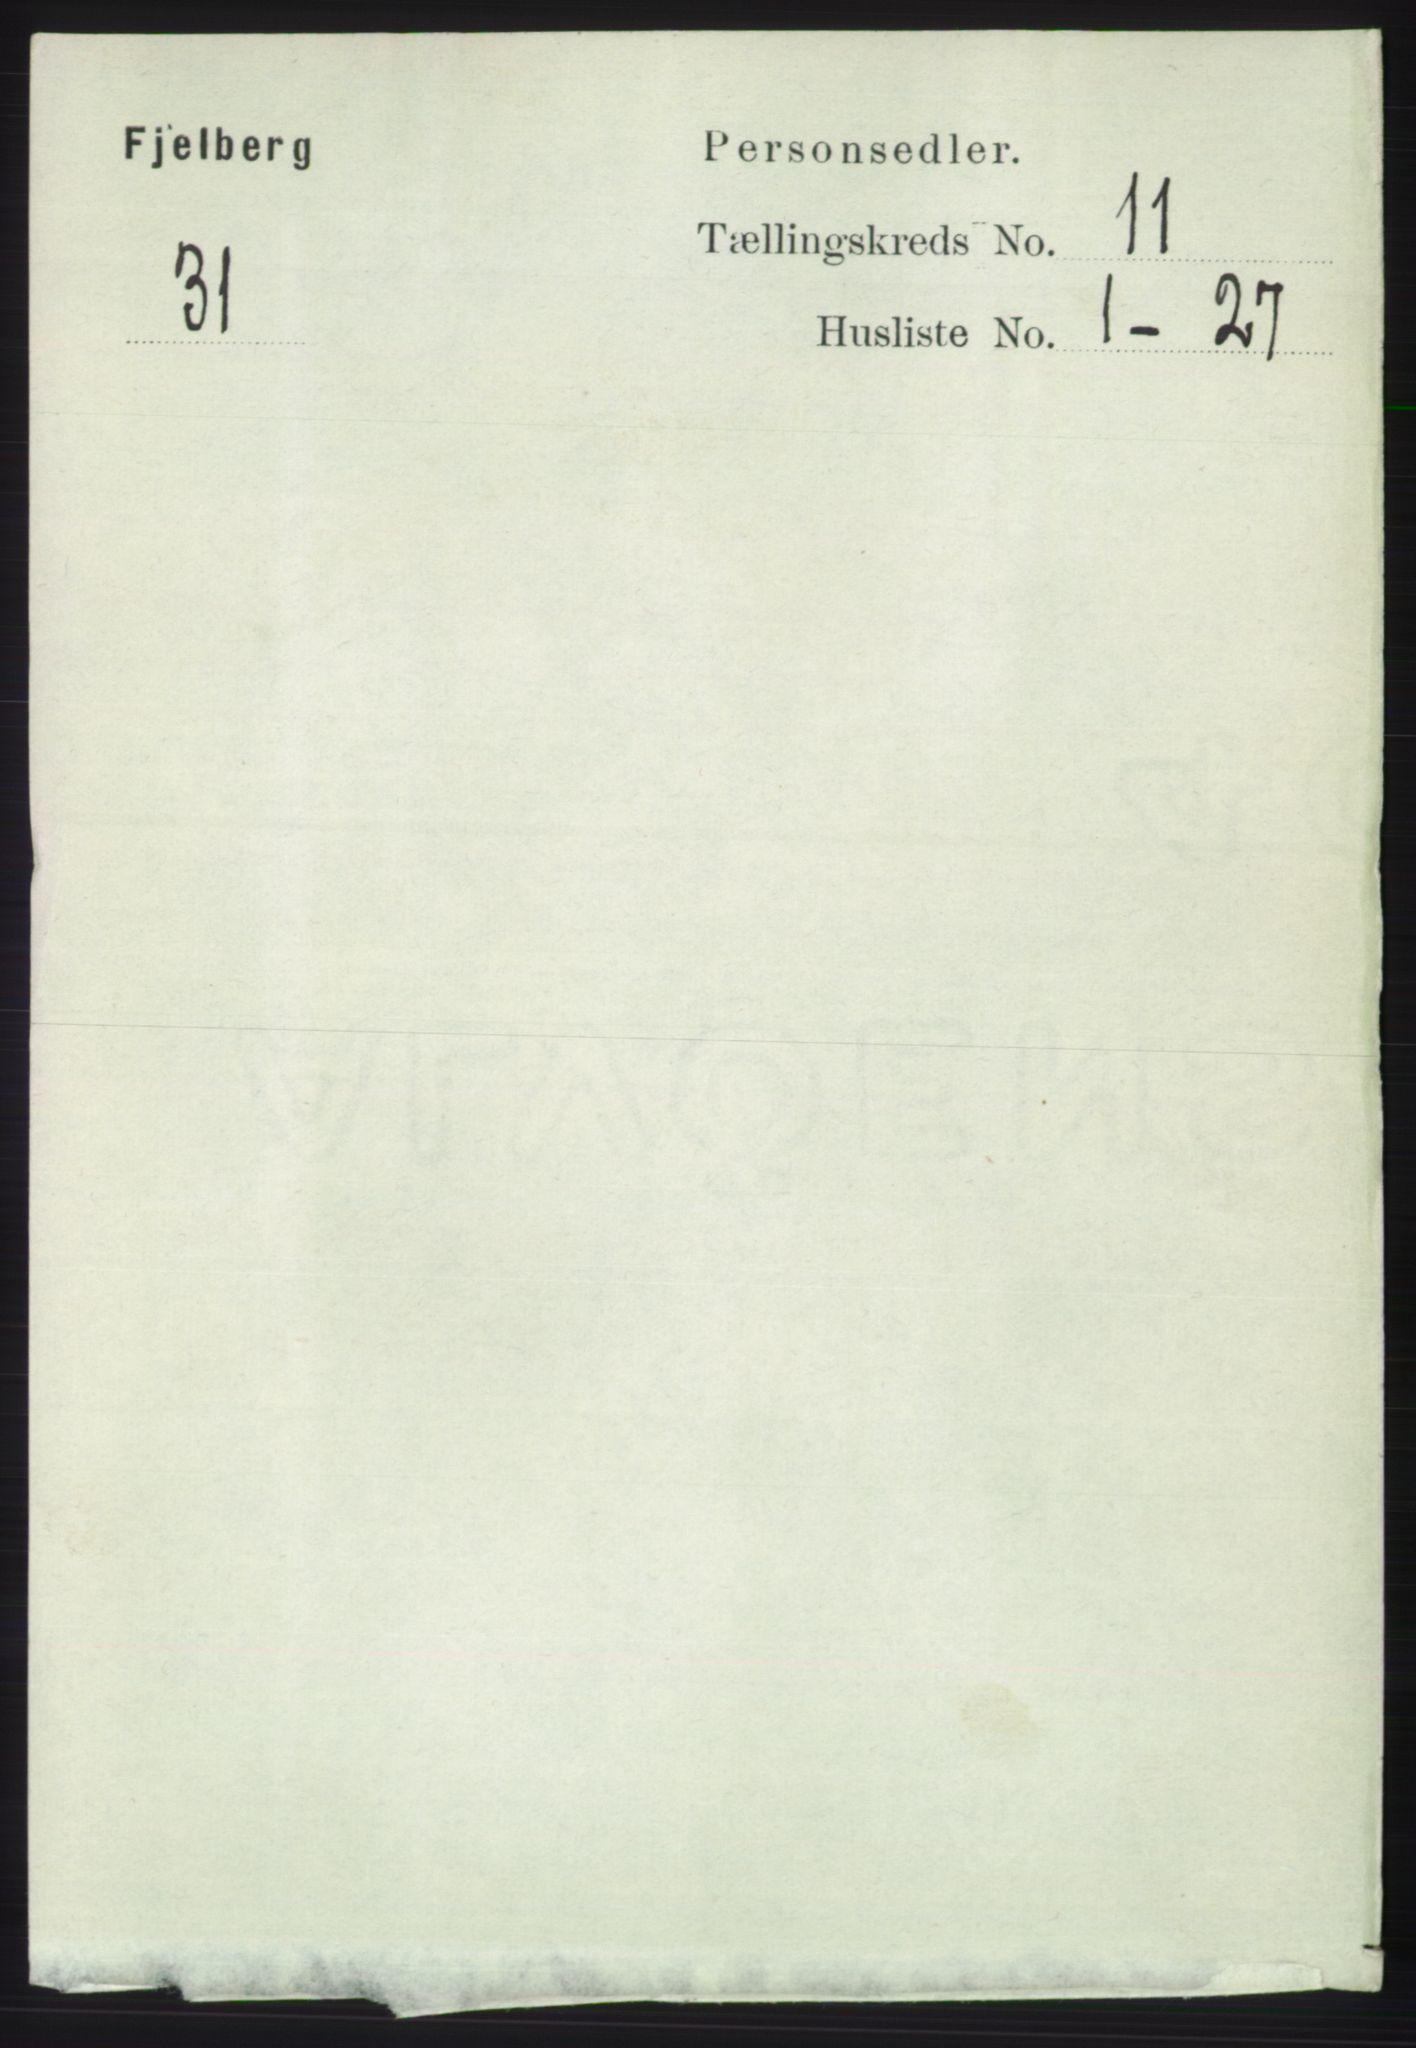 RA, Folketelling 1891 for 1213 Fjelberg herred, 1891, s. 4135